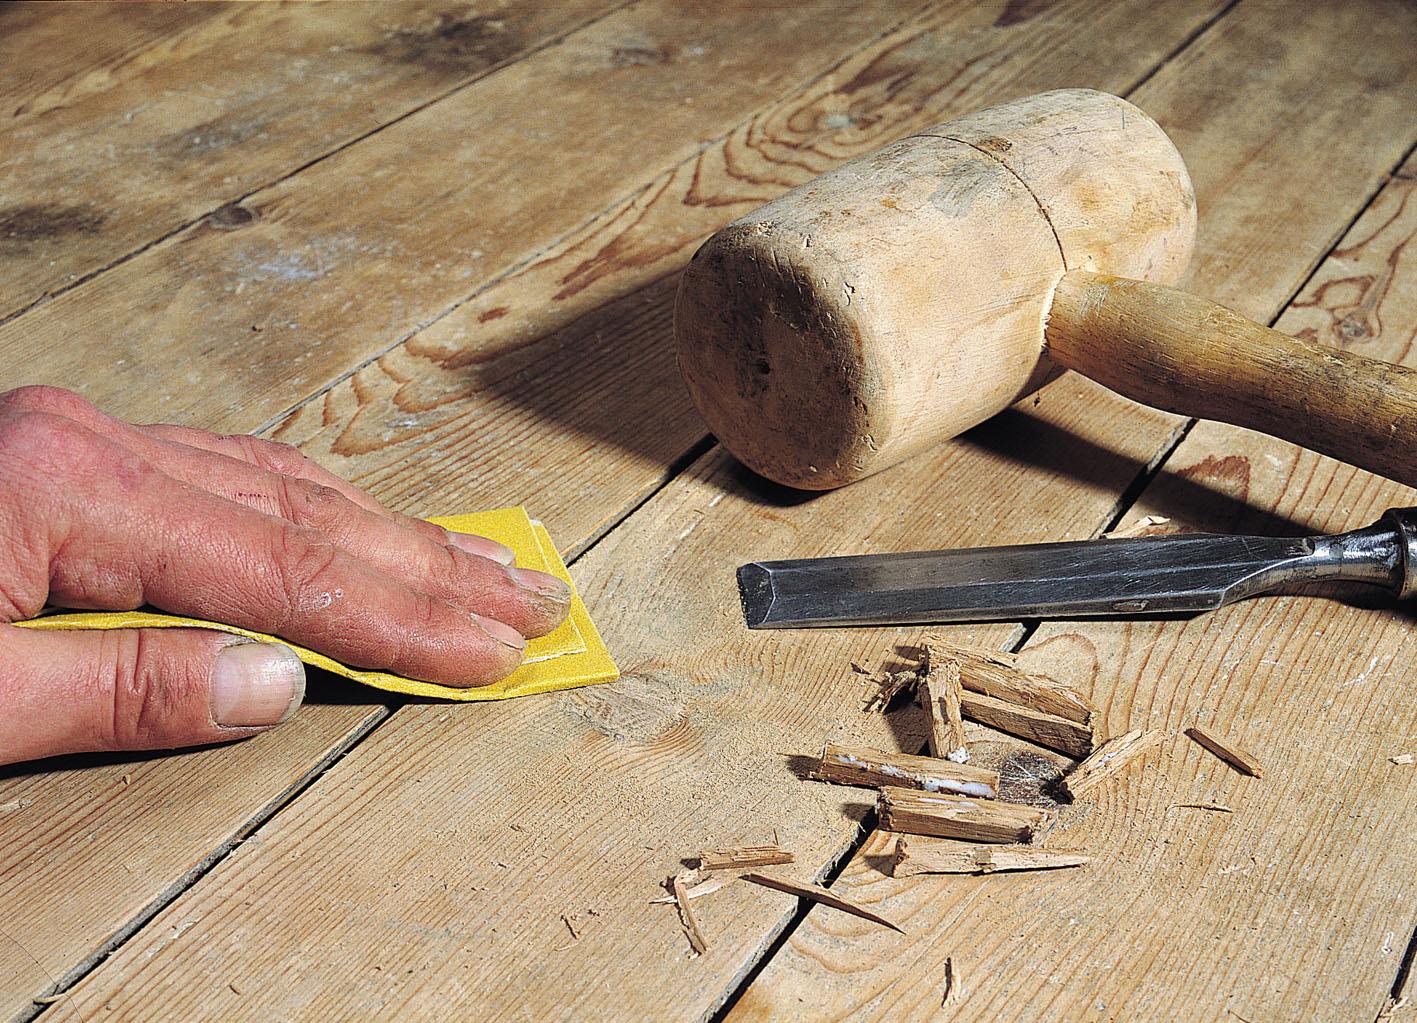 Шпаклёвка деревянного пола своими руками